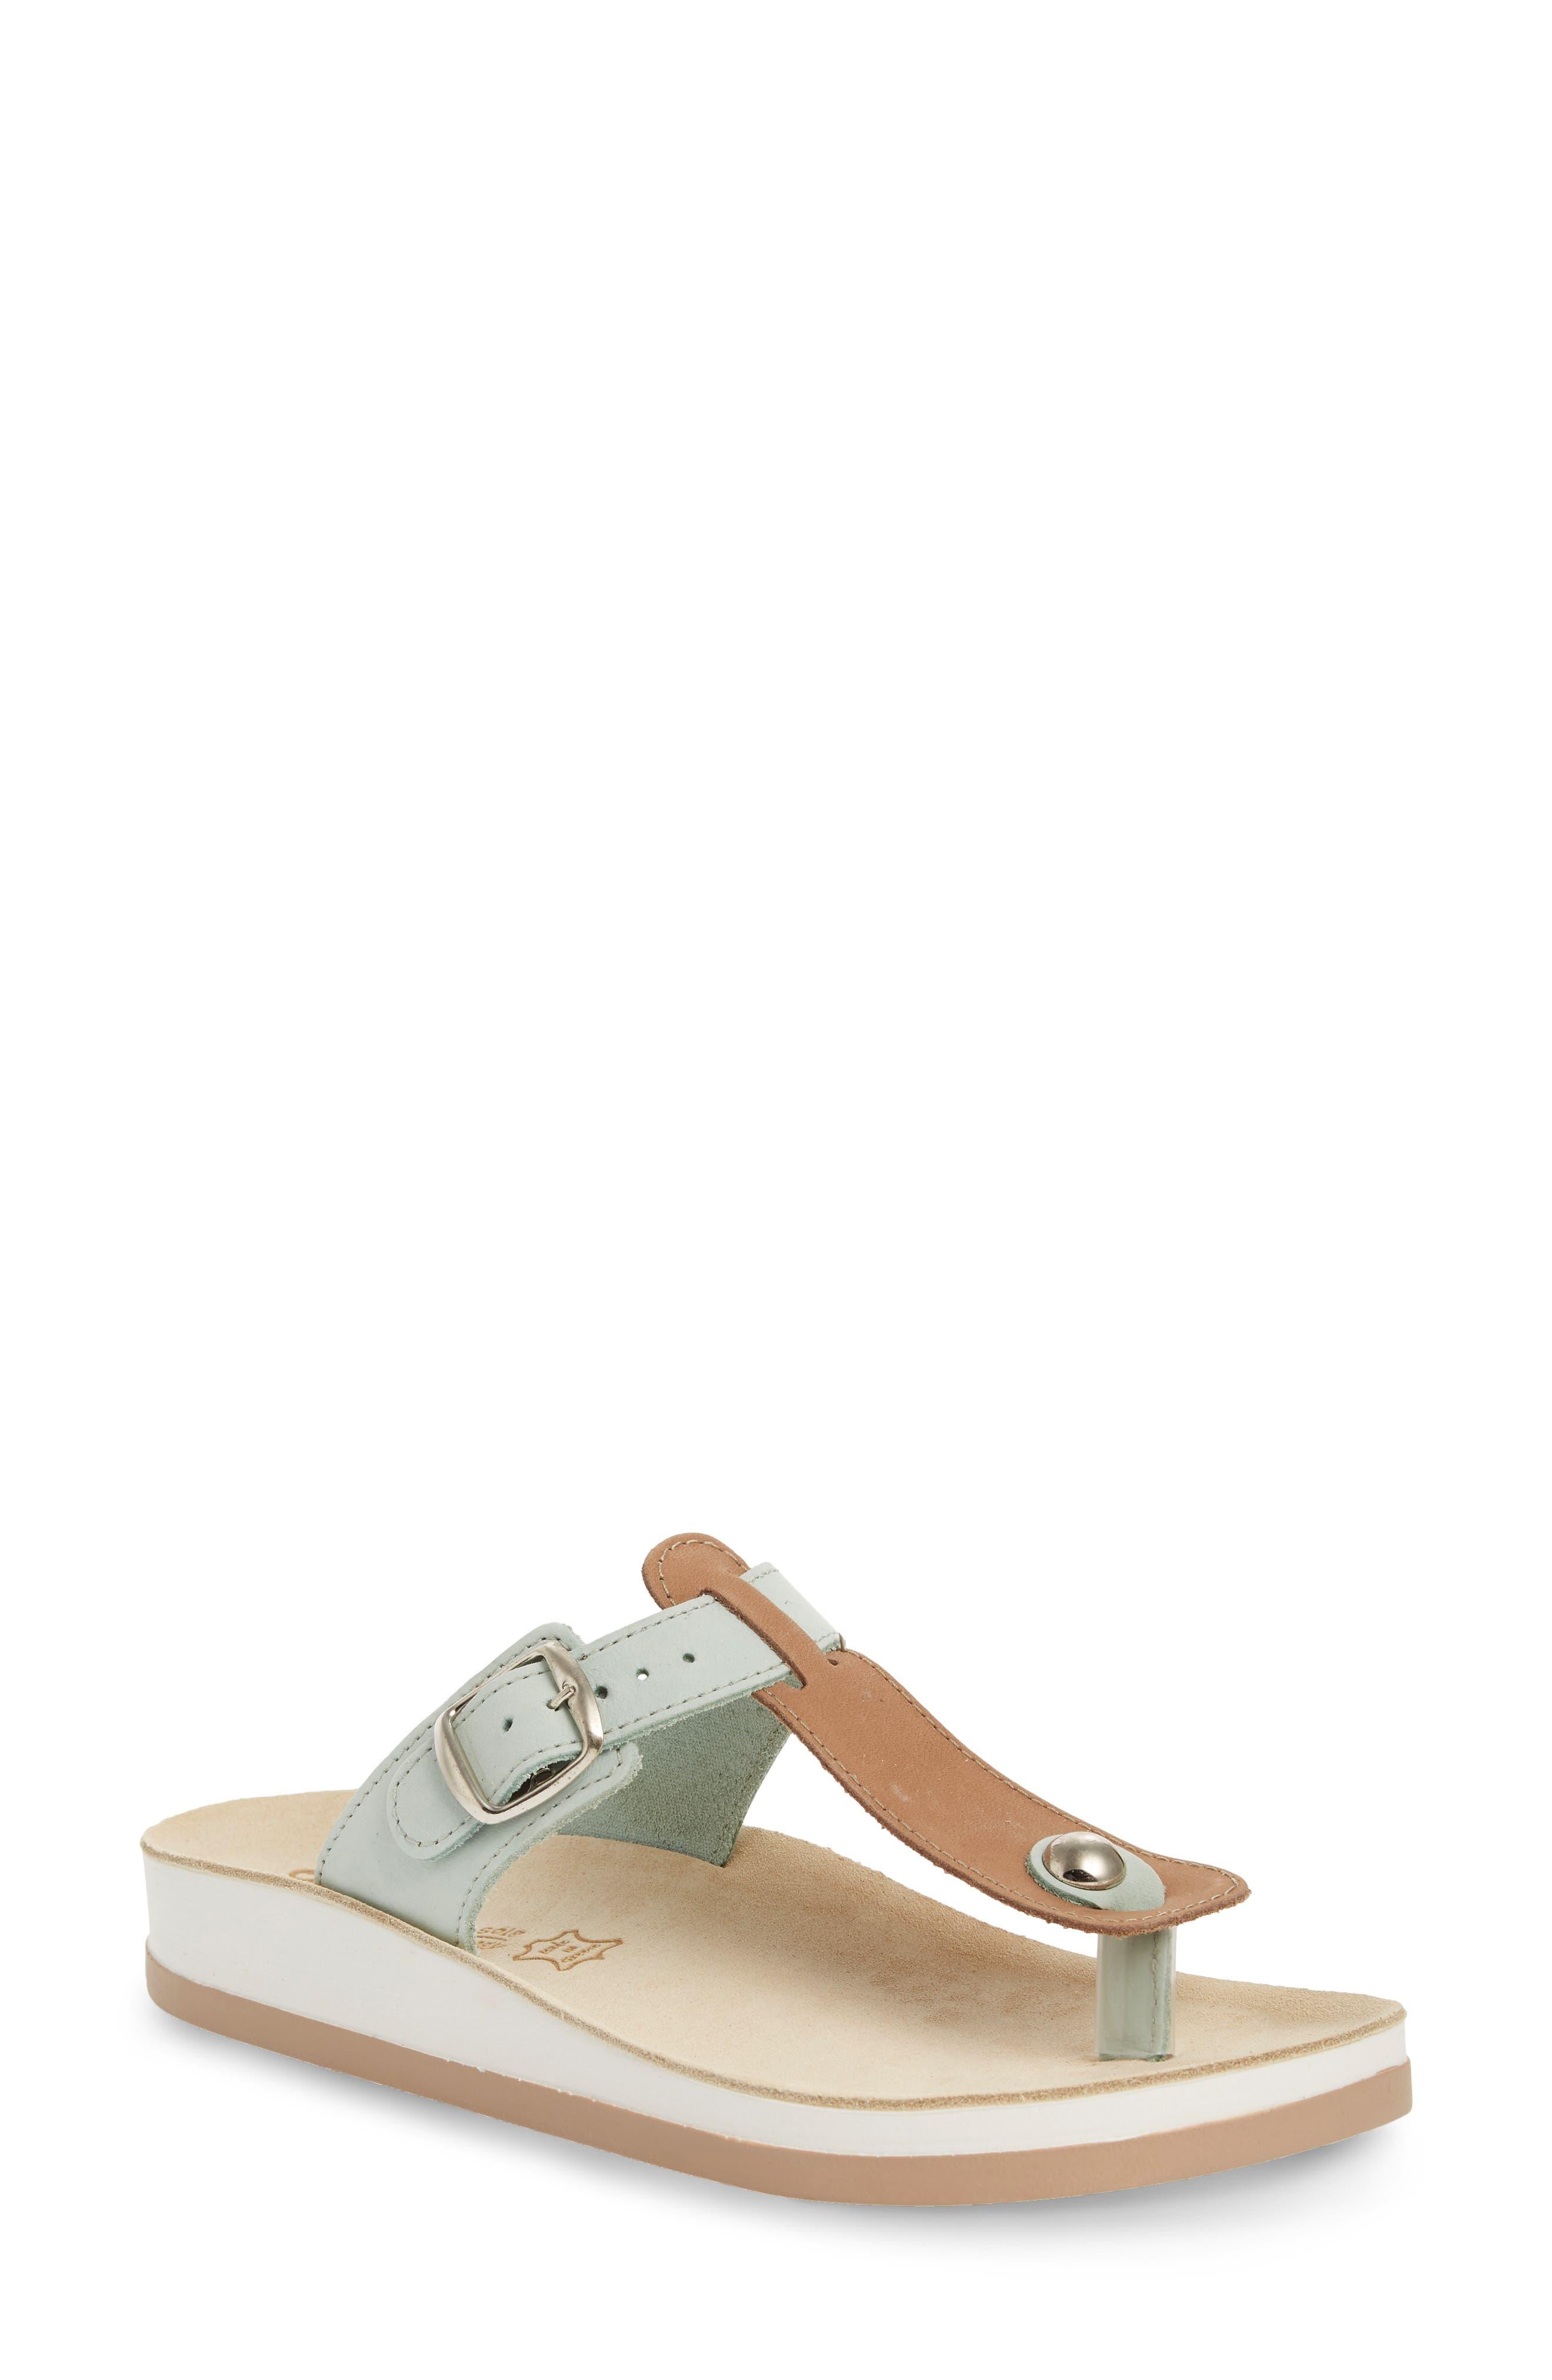 Viola Sandal,                             Main thumbnail 1, color,                             Pistachio Beige Leather